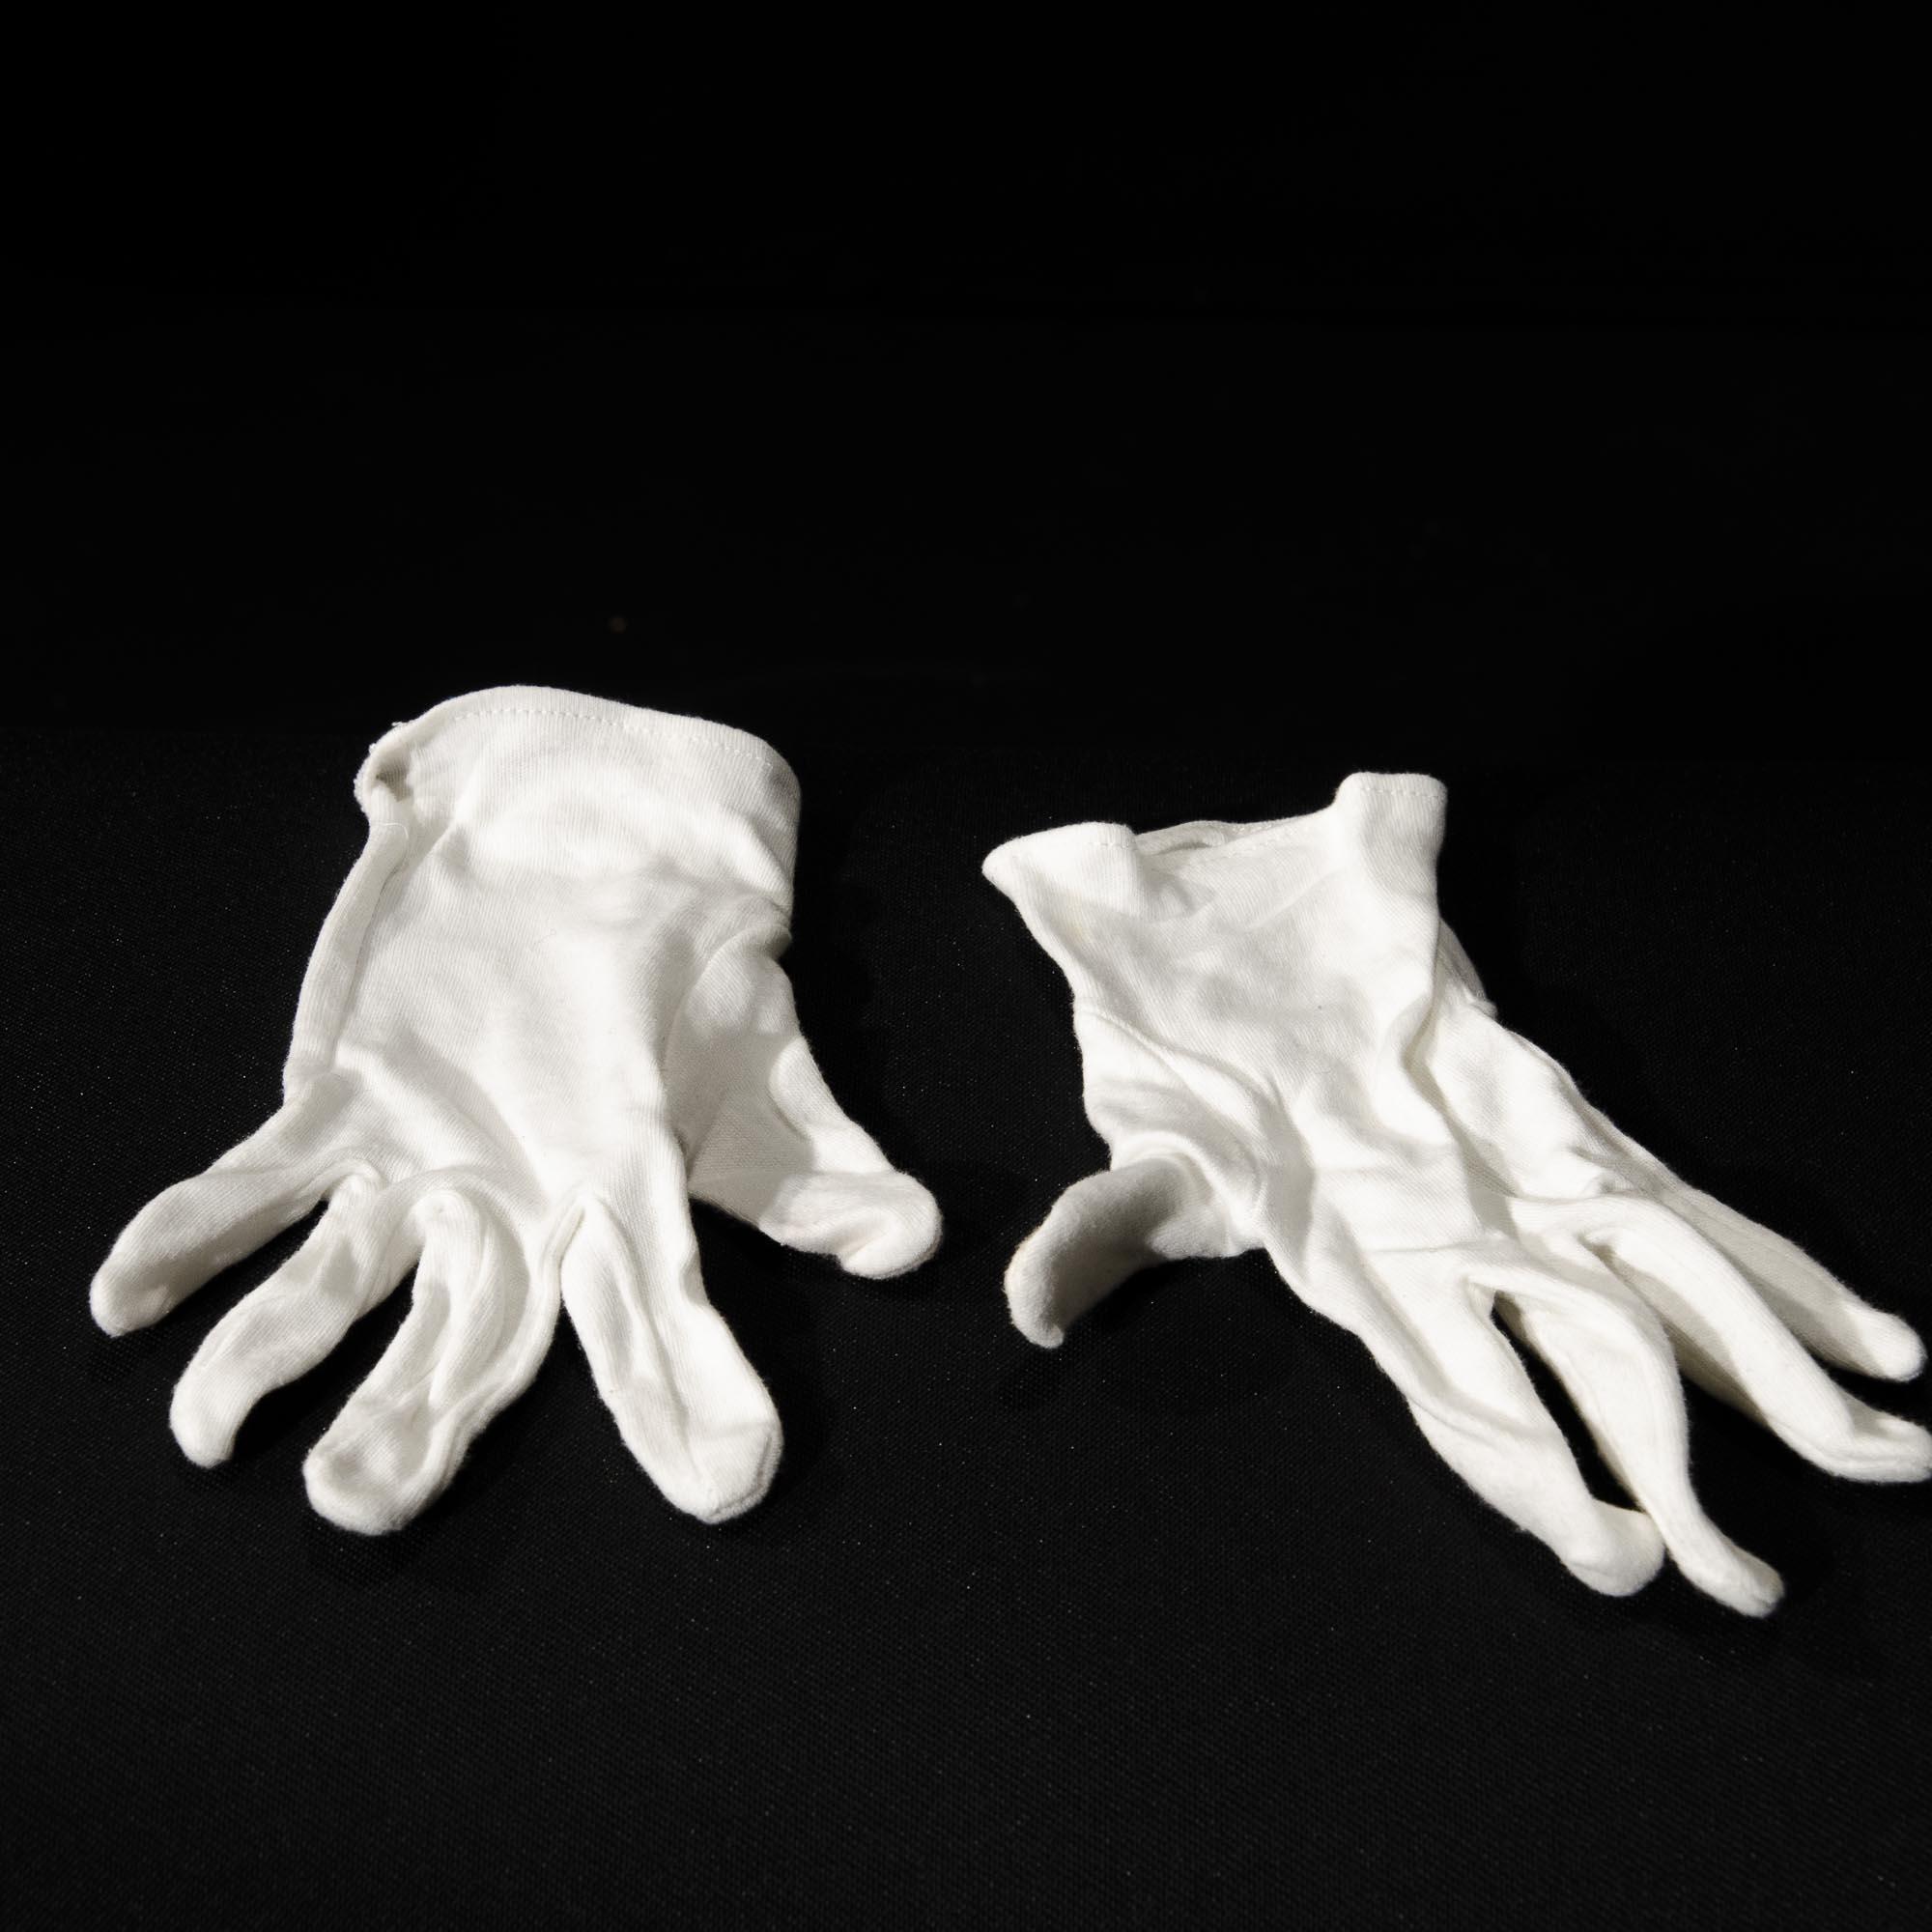 Handschuhe HS001